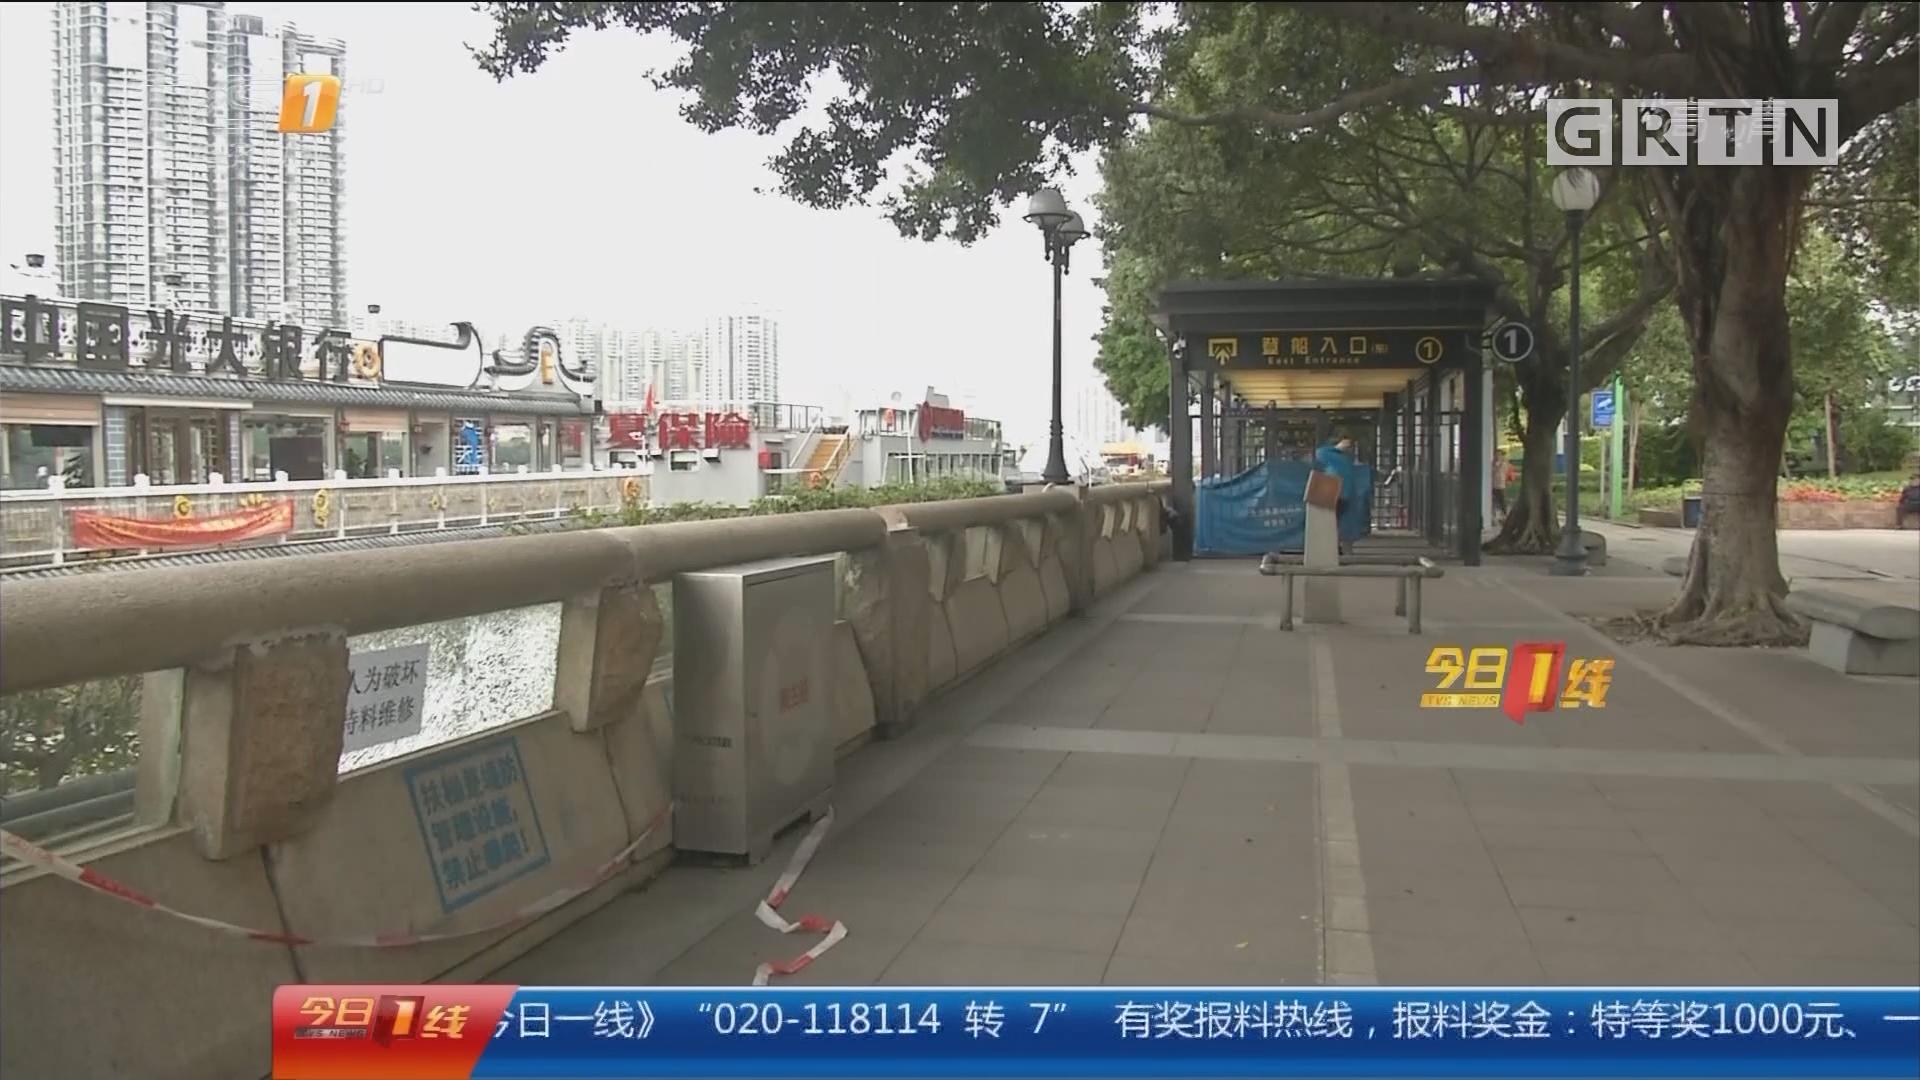 广州沿江路:防洪玻璃安装一周即遭破坏 谁干的?